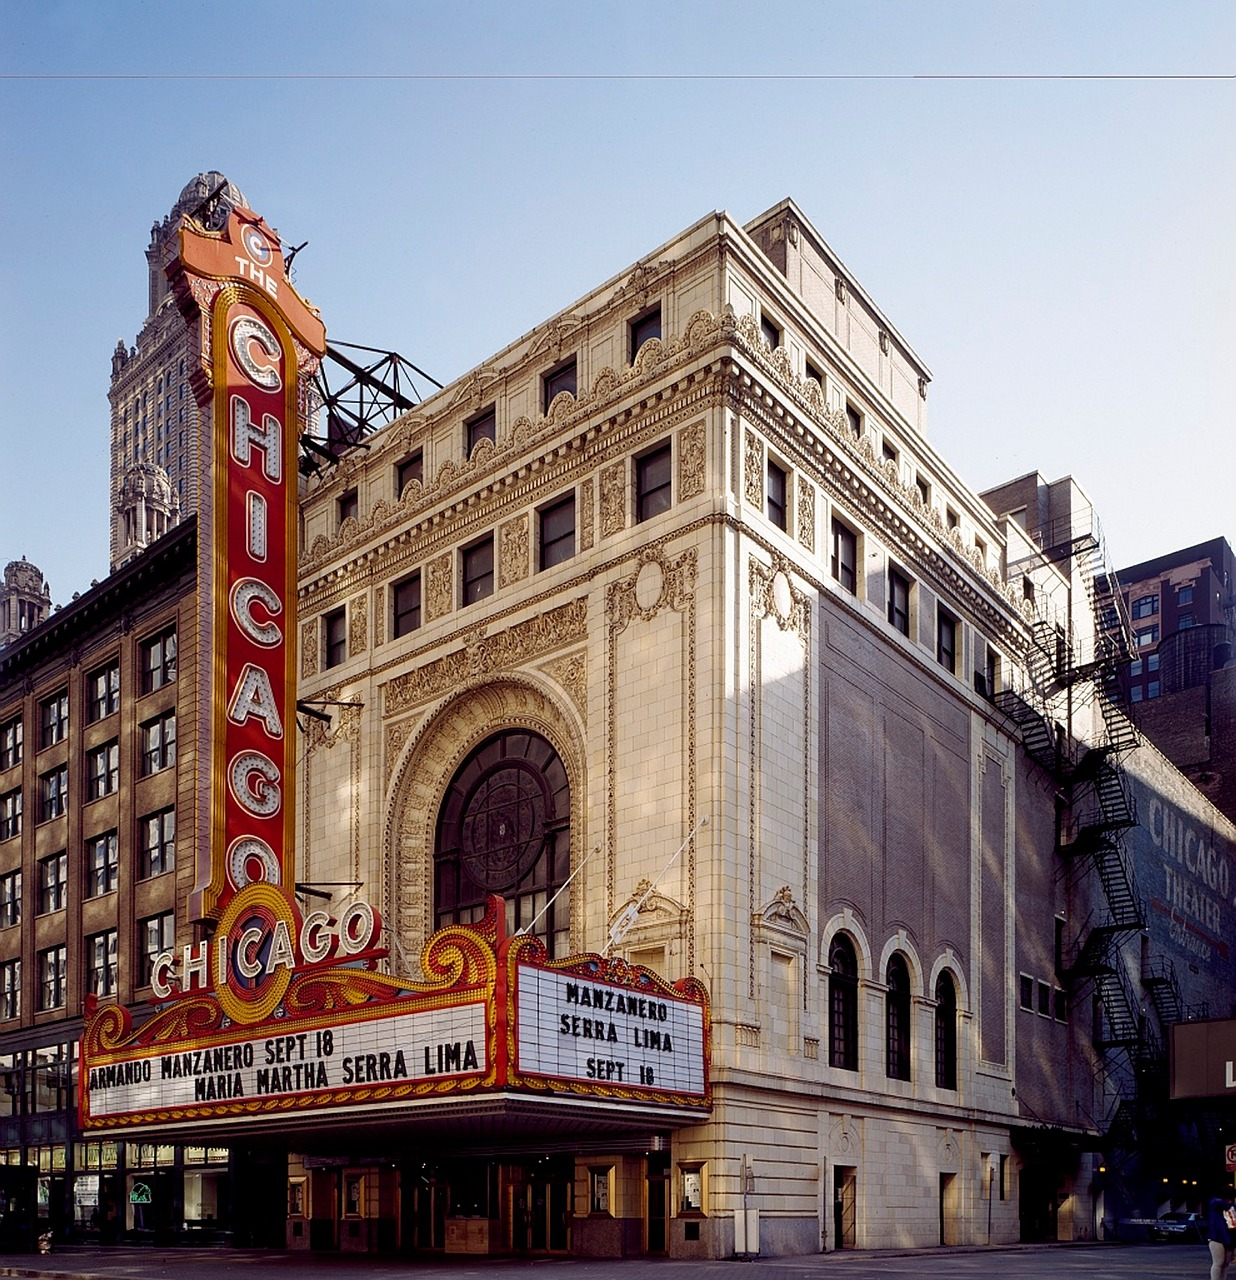 chicago-theatre-890350_1280